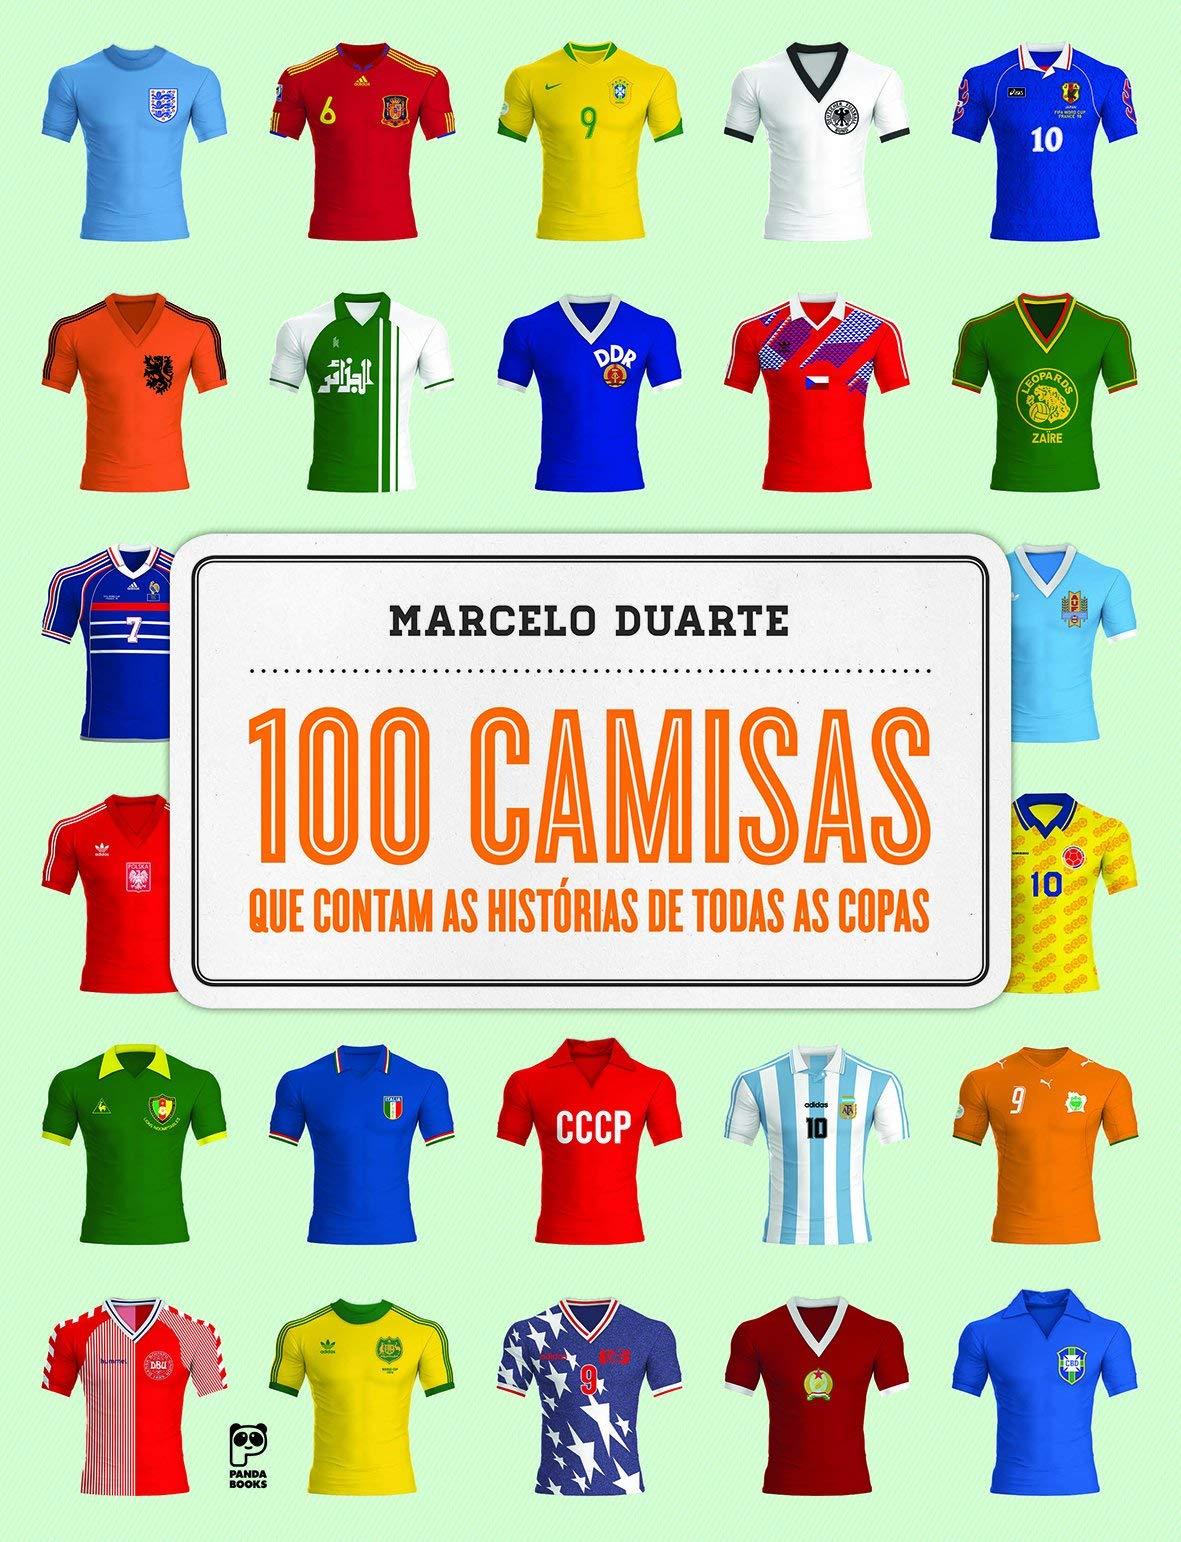 100 camisas que contam as histórias de todas as copas ...